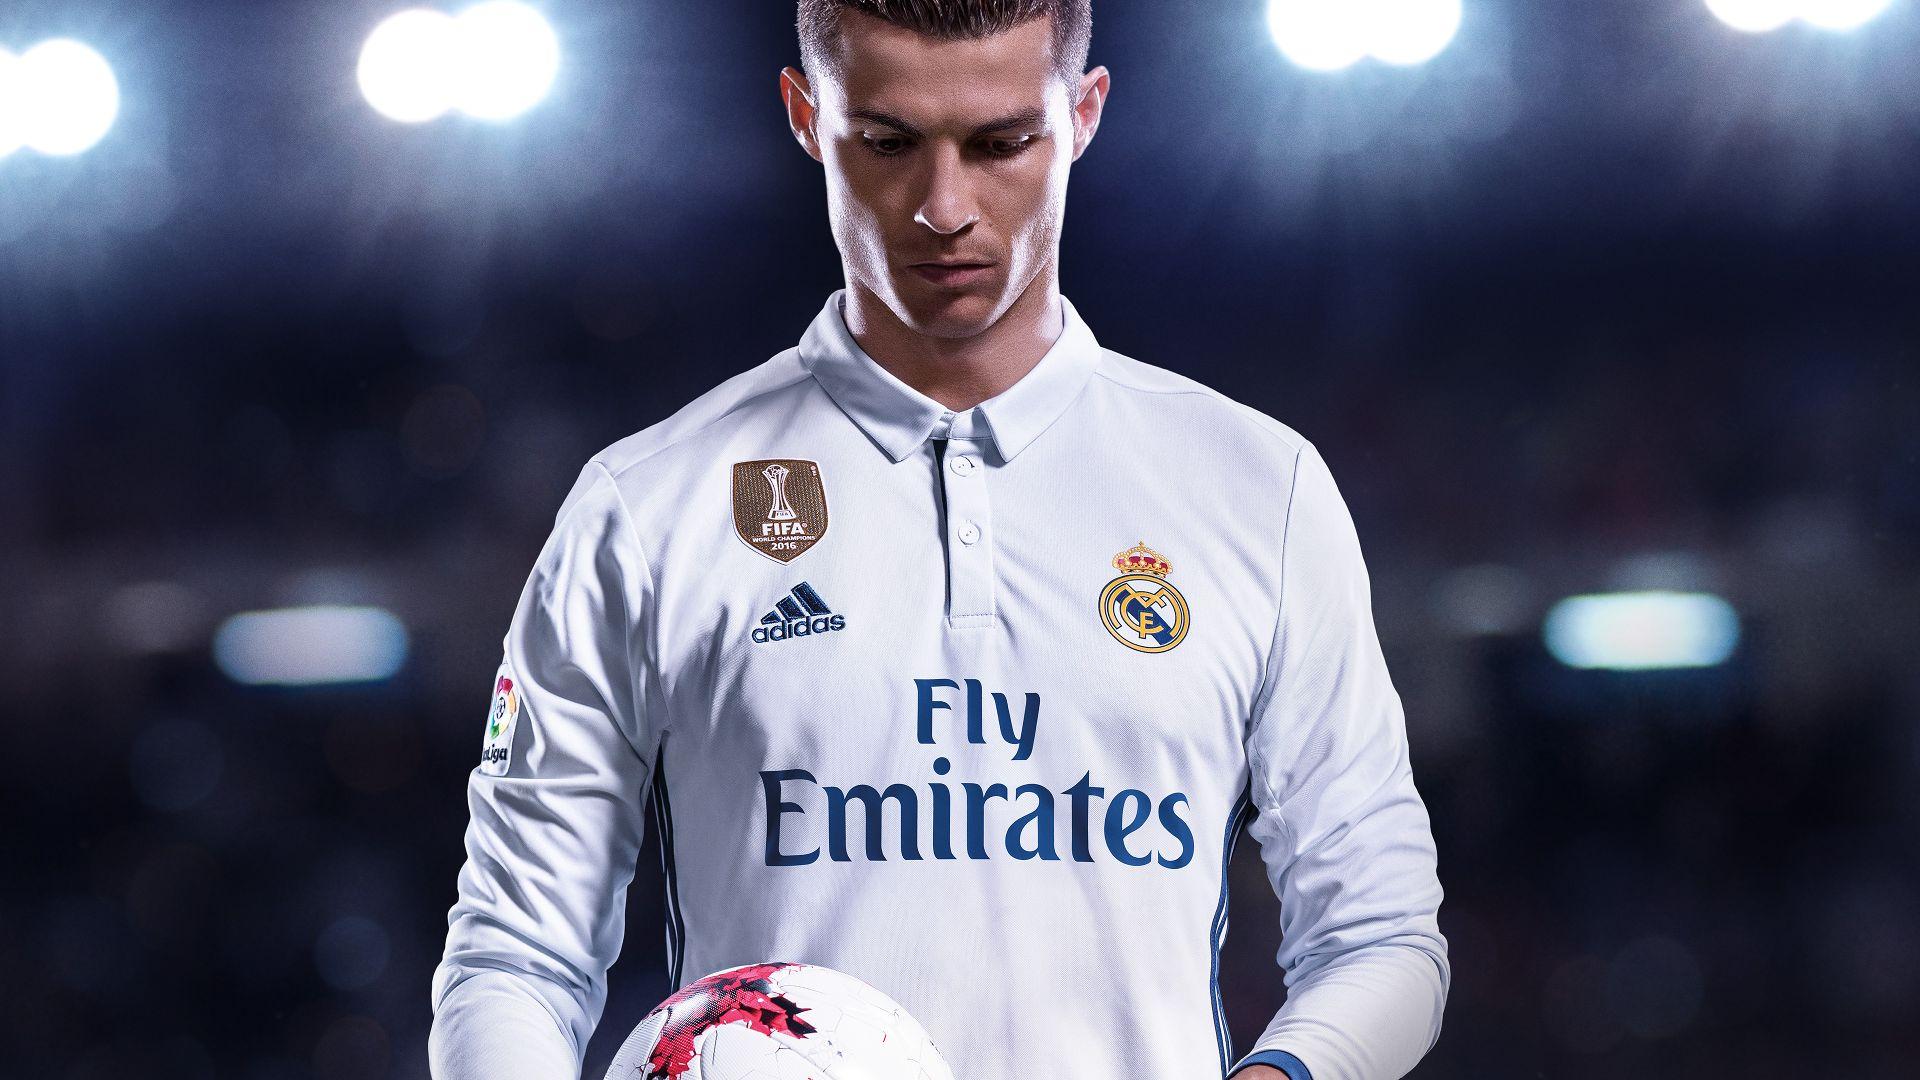 FIFA 18 Ronaldo front